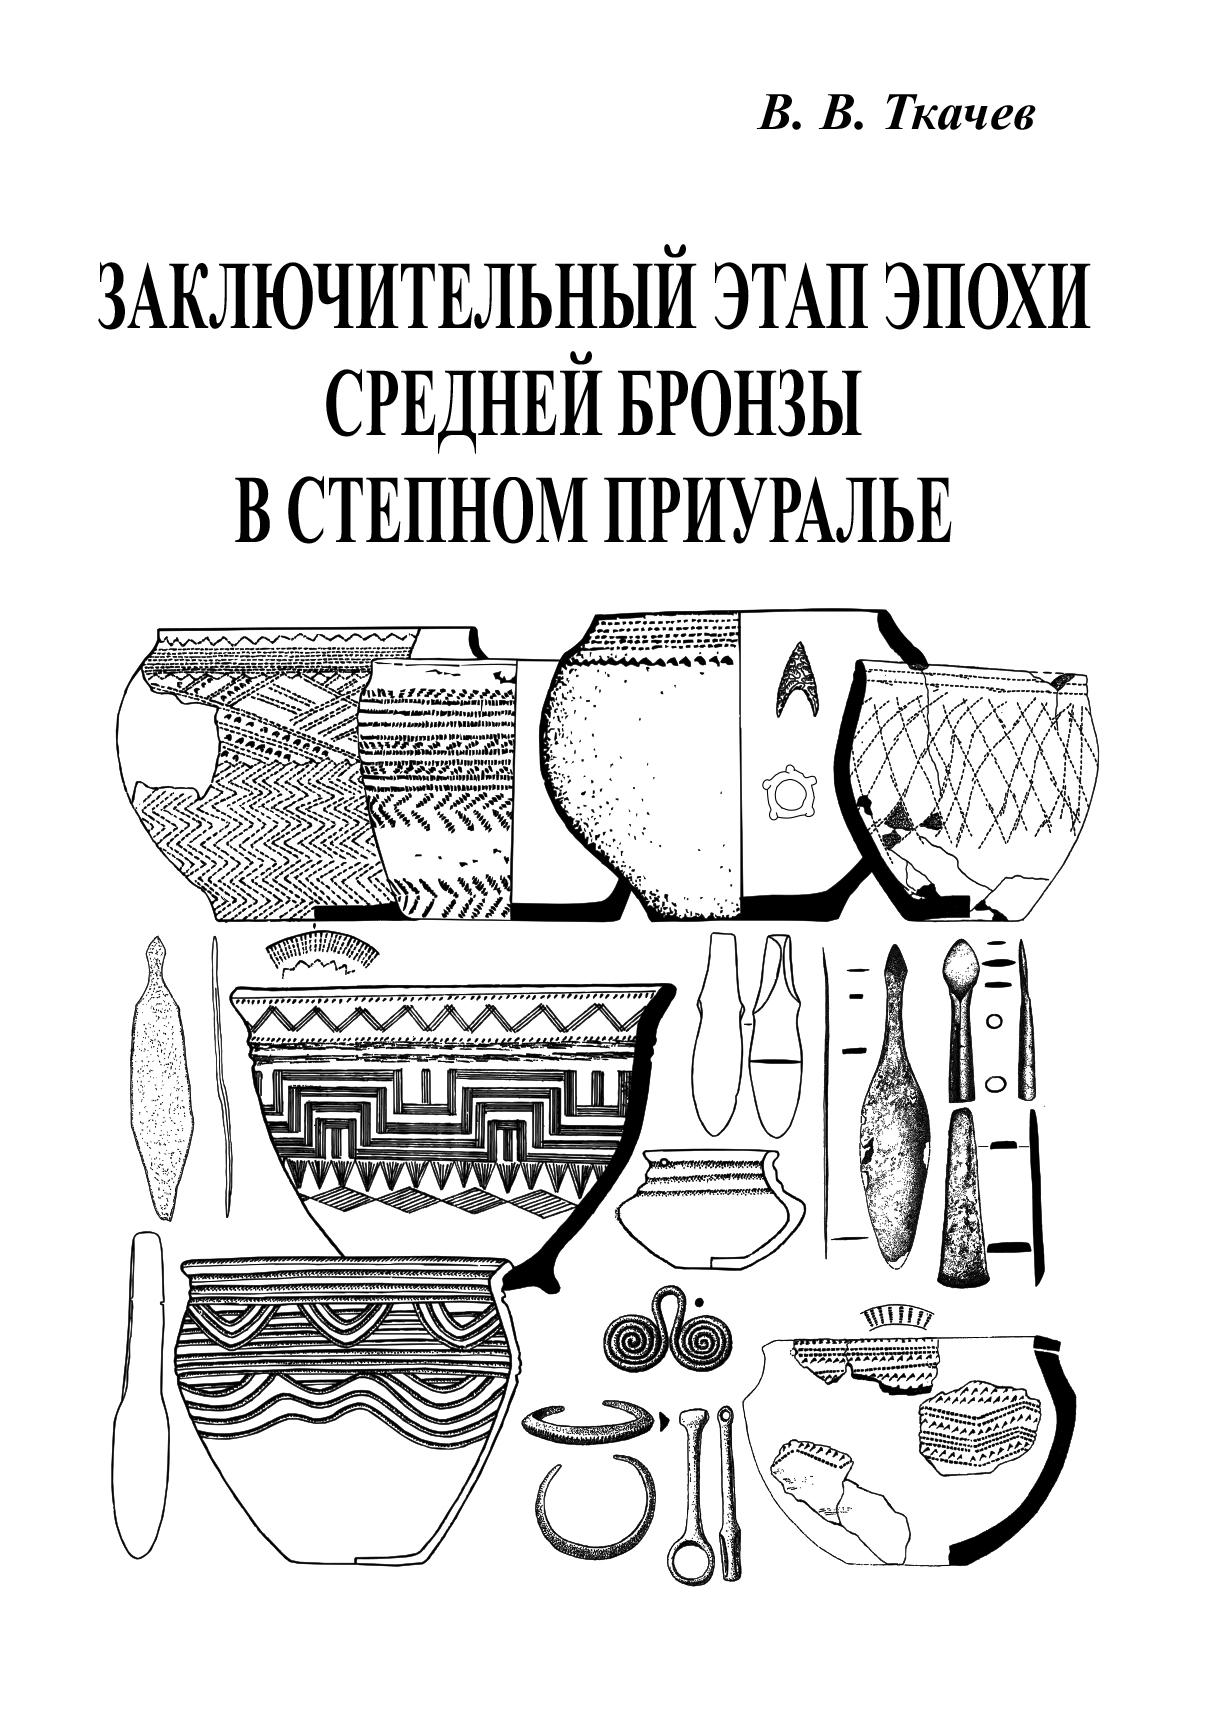 Заключительный этап эпохи средней бронзы в степном Приуралье